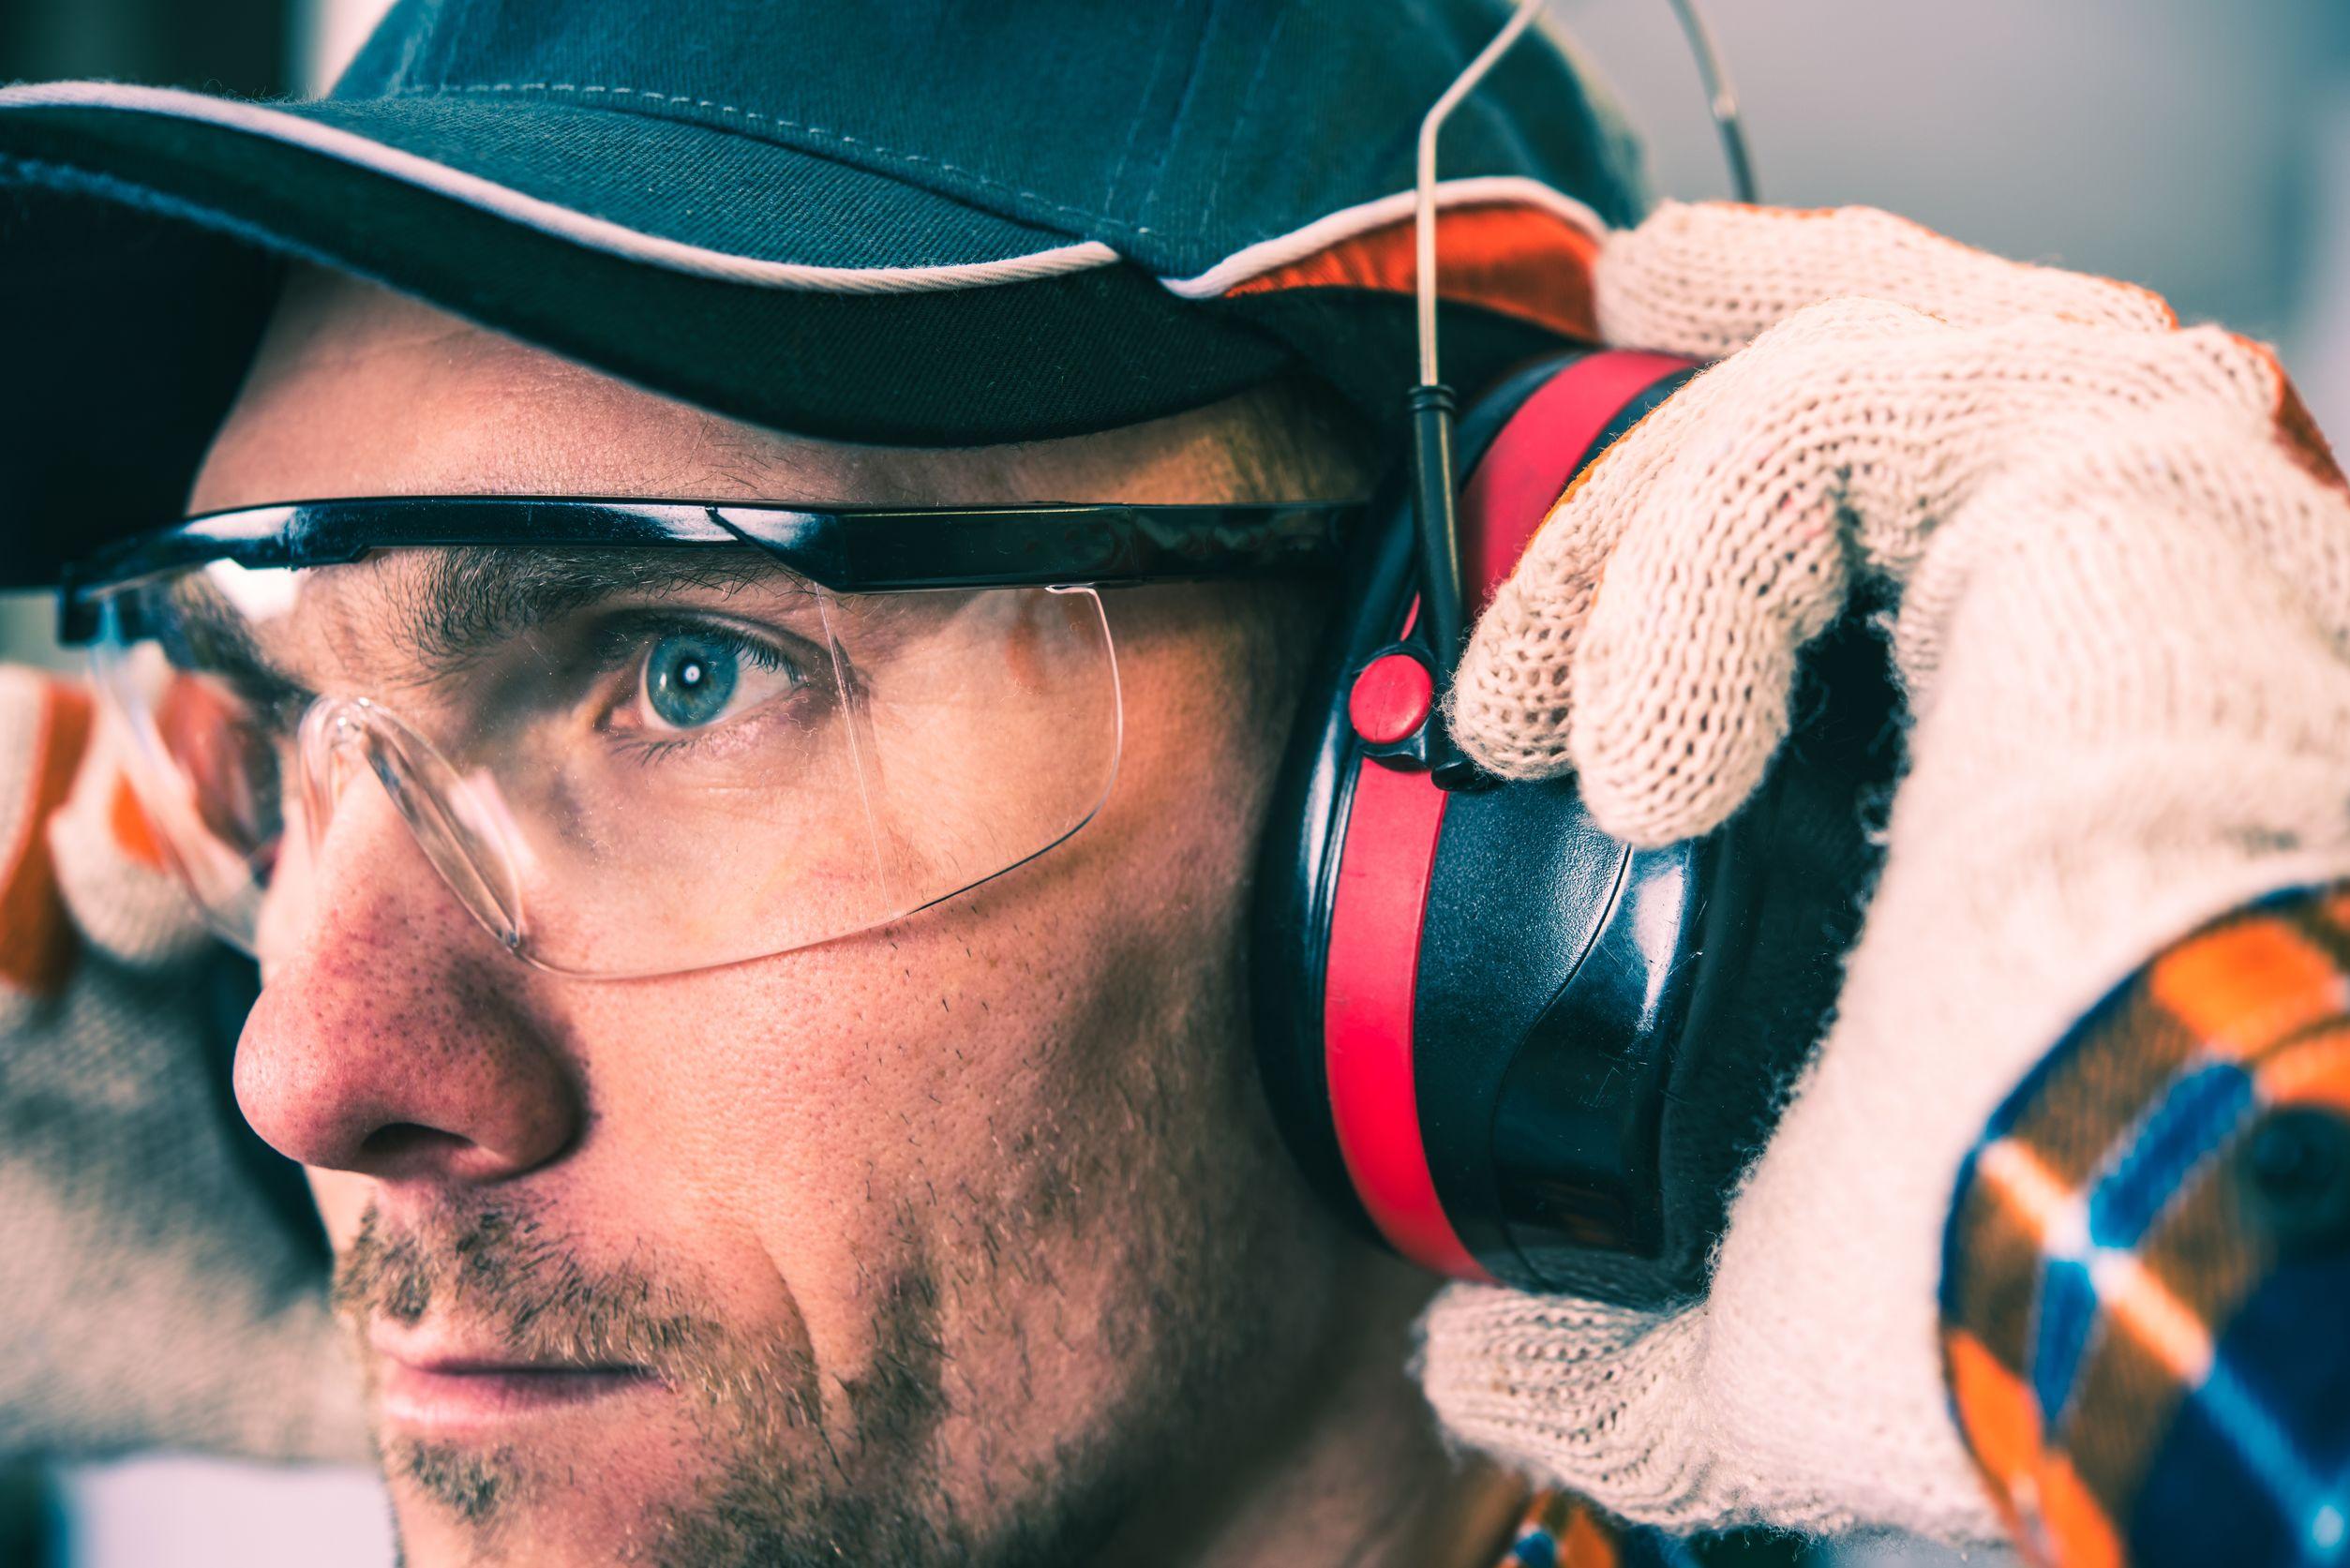 Gehörschutz mit Radio